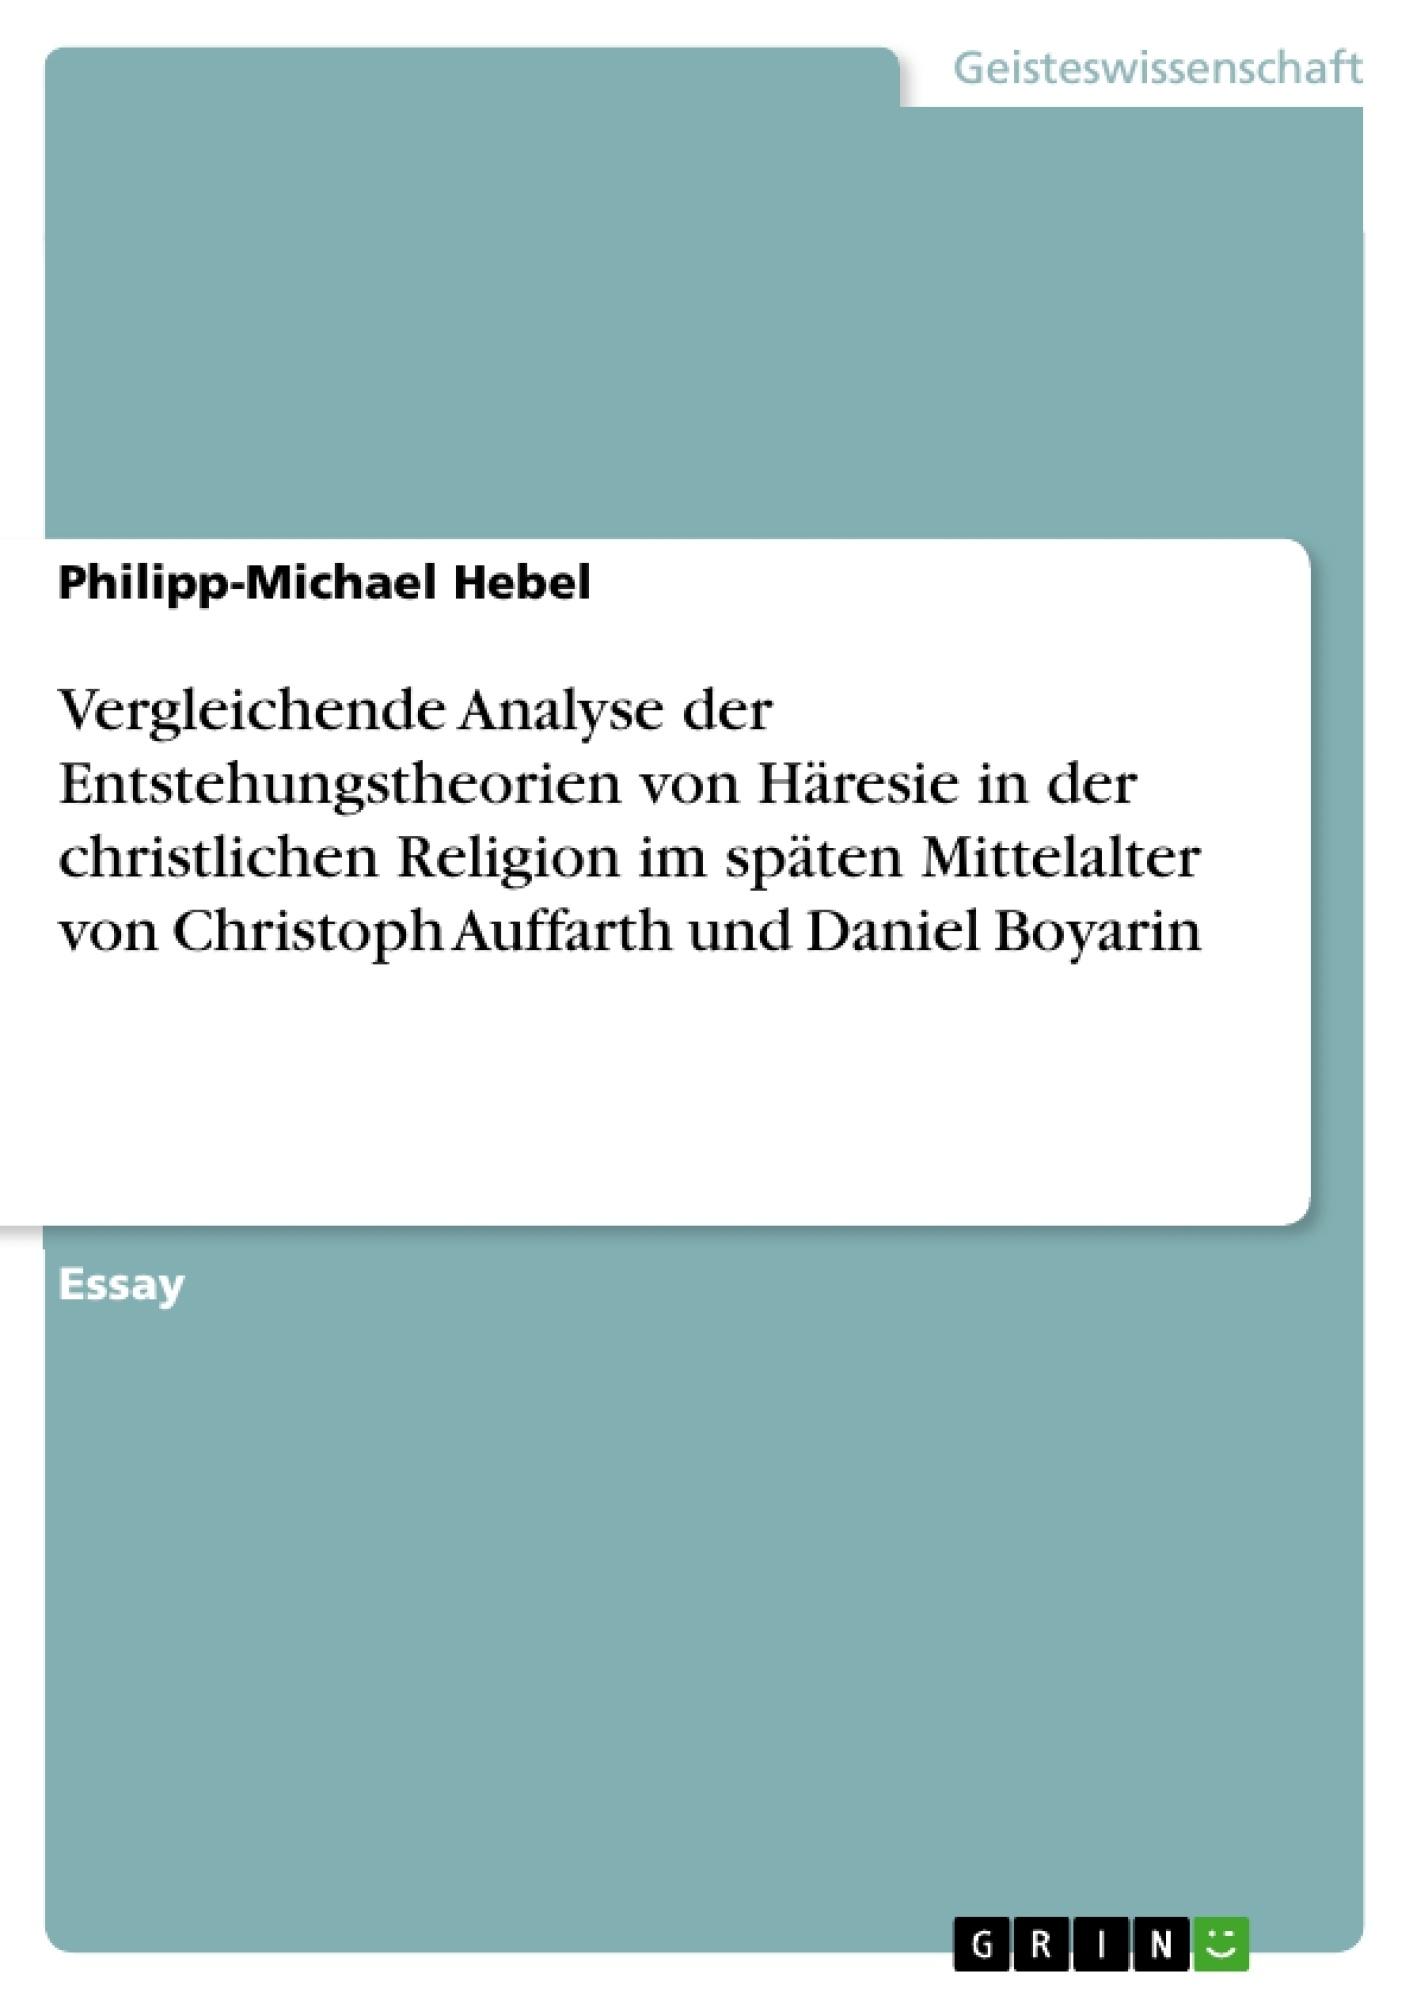 Titel: Vergleichende Analyse der Entstehungstheorien von Häresie in der christlichen Religion im späten Mittelalter von Christoph Auffarth und Daniel Boyarin